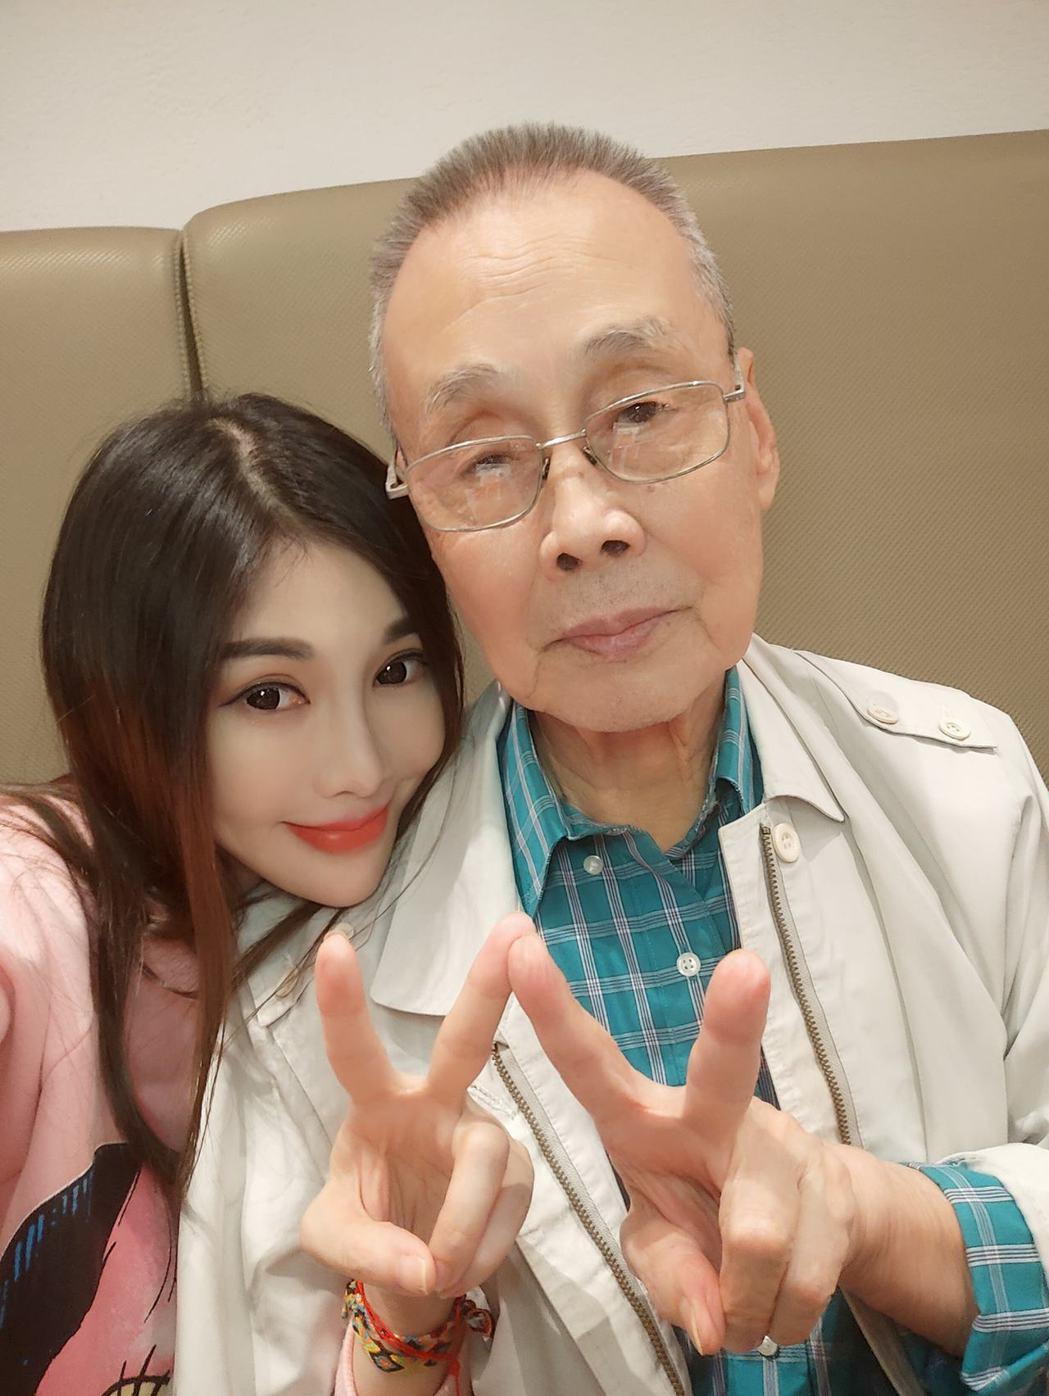 吳玟萱父親近日出車禍,肇事騎士卻稱是老人家自己跌倒。 圖/擷自吳玟萱臉書